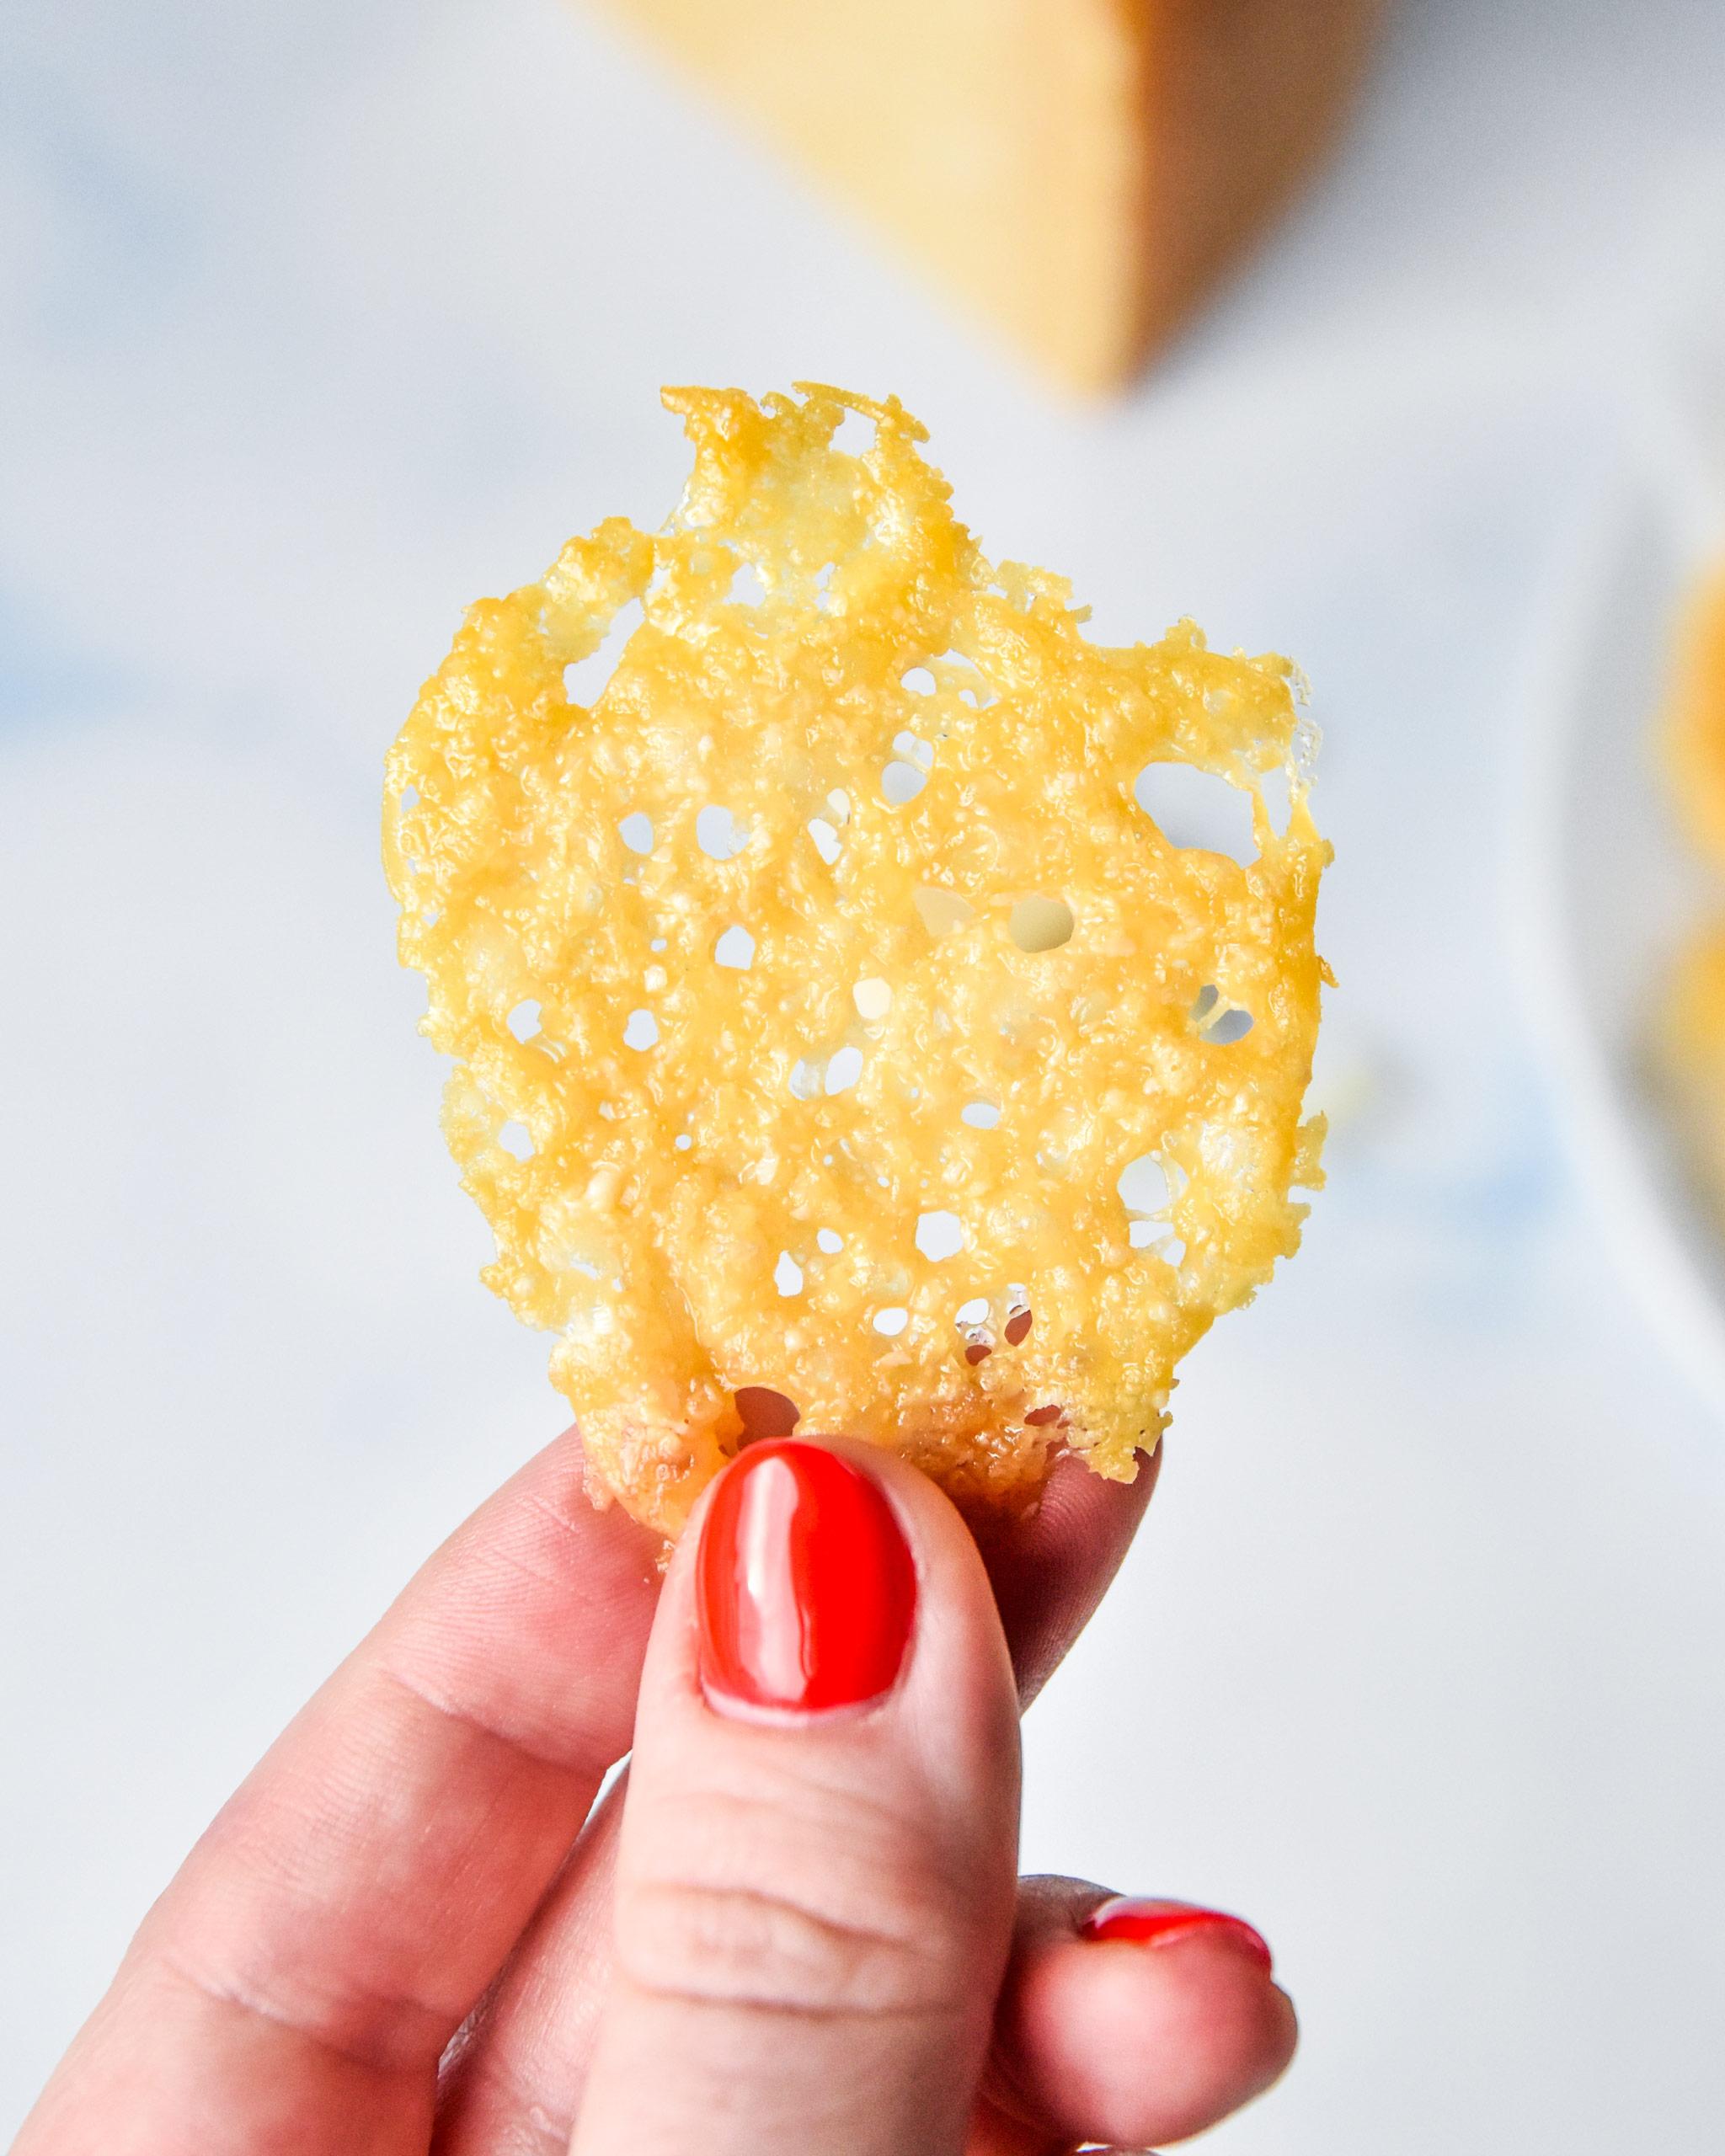 holding a baked parmesan crisp